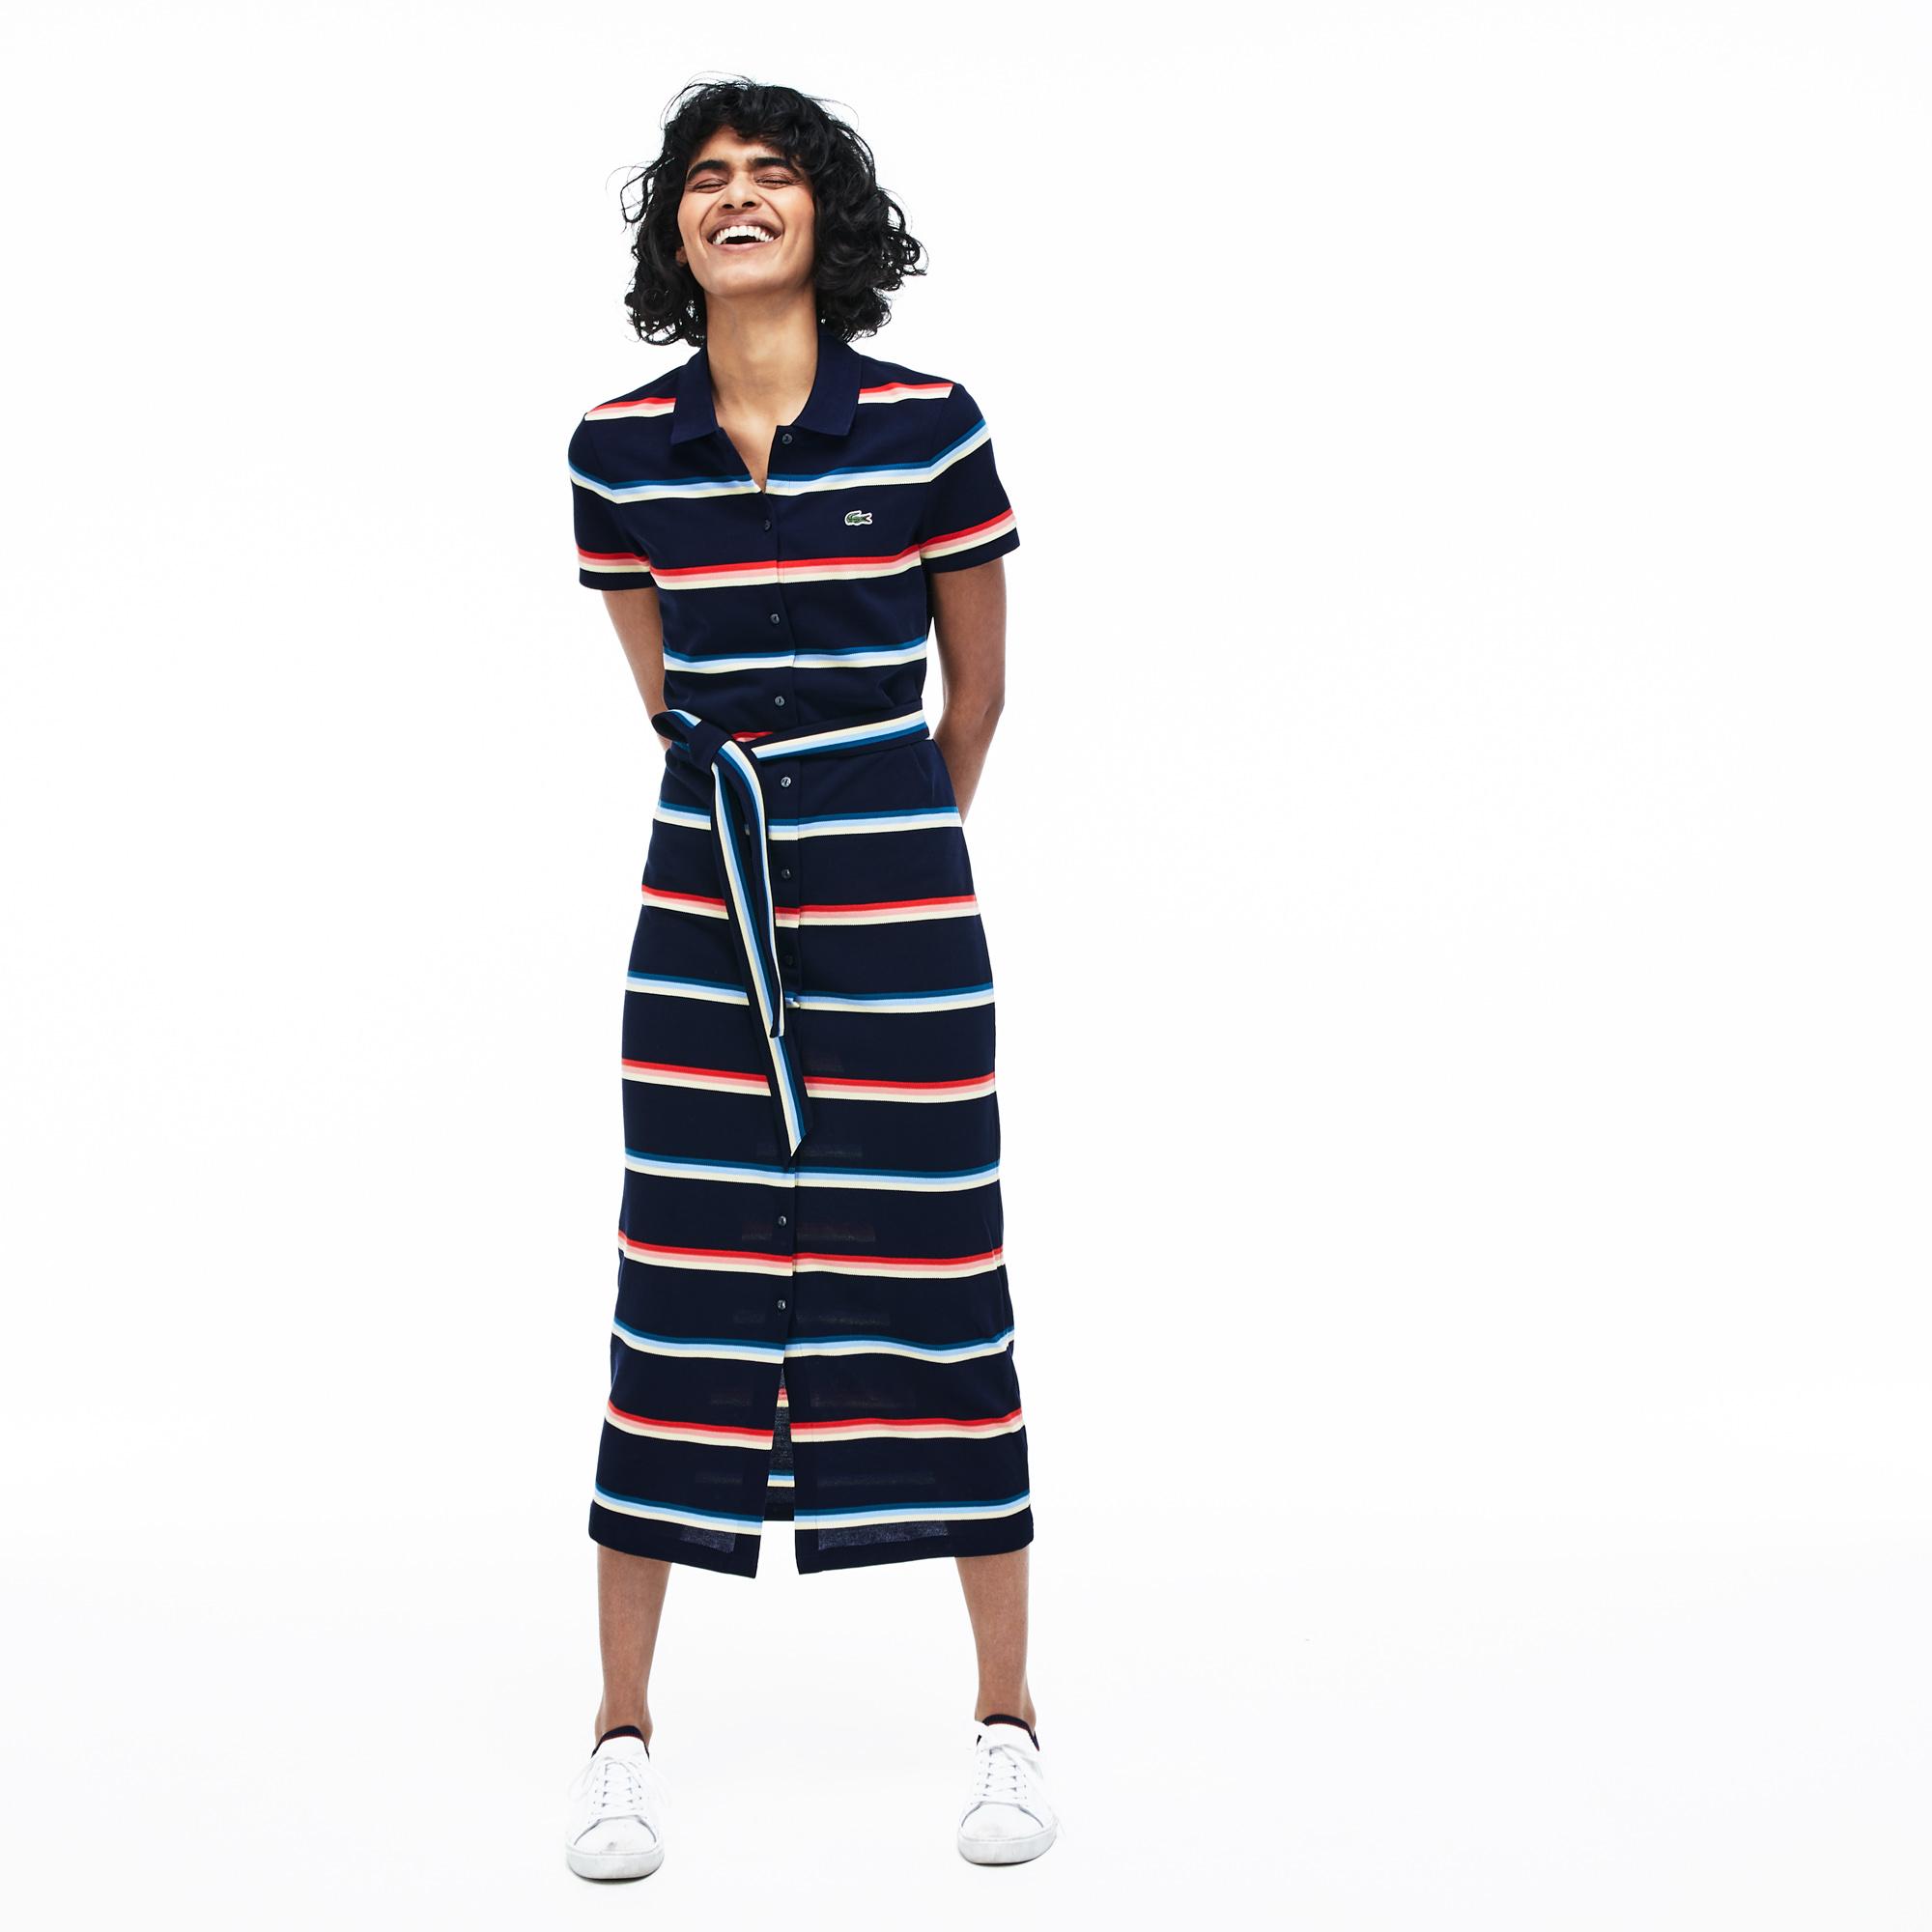 Платье LacosteПлатья и юбки<br>100% хлопок